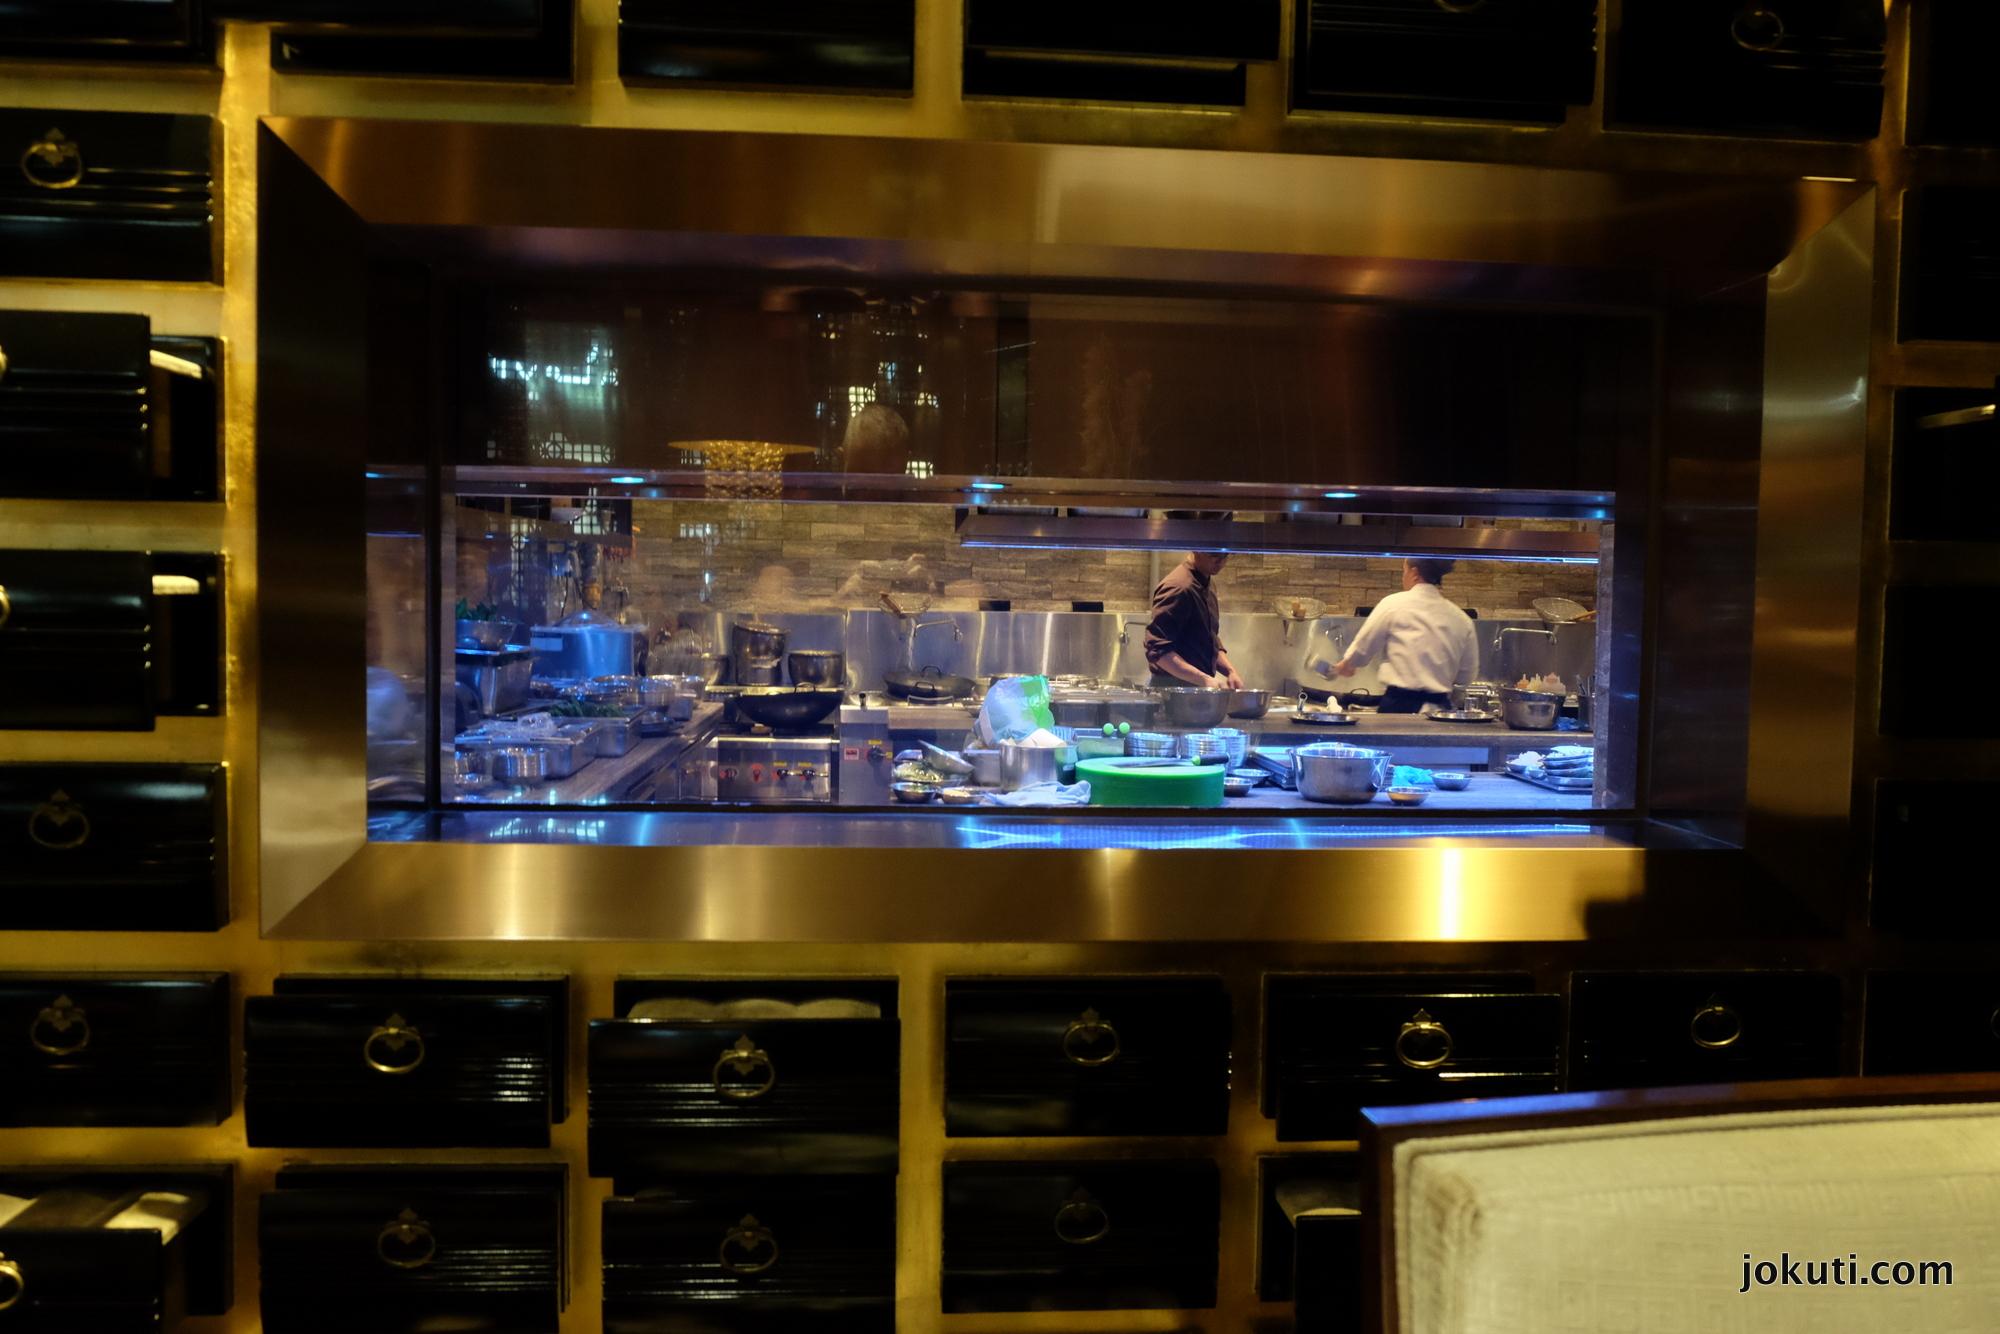 dscf6853_jade_dragon_restaurant_cantonese_chinese_michelin_macau_makao_china_kinai_vilagevo_jokuti.jpg